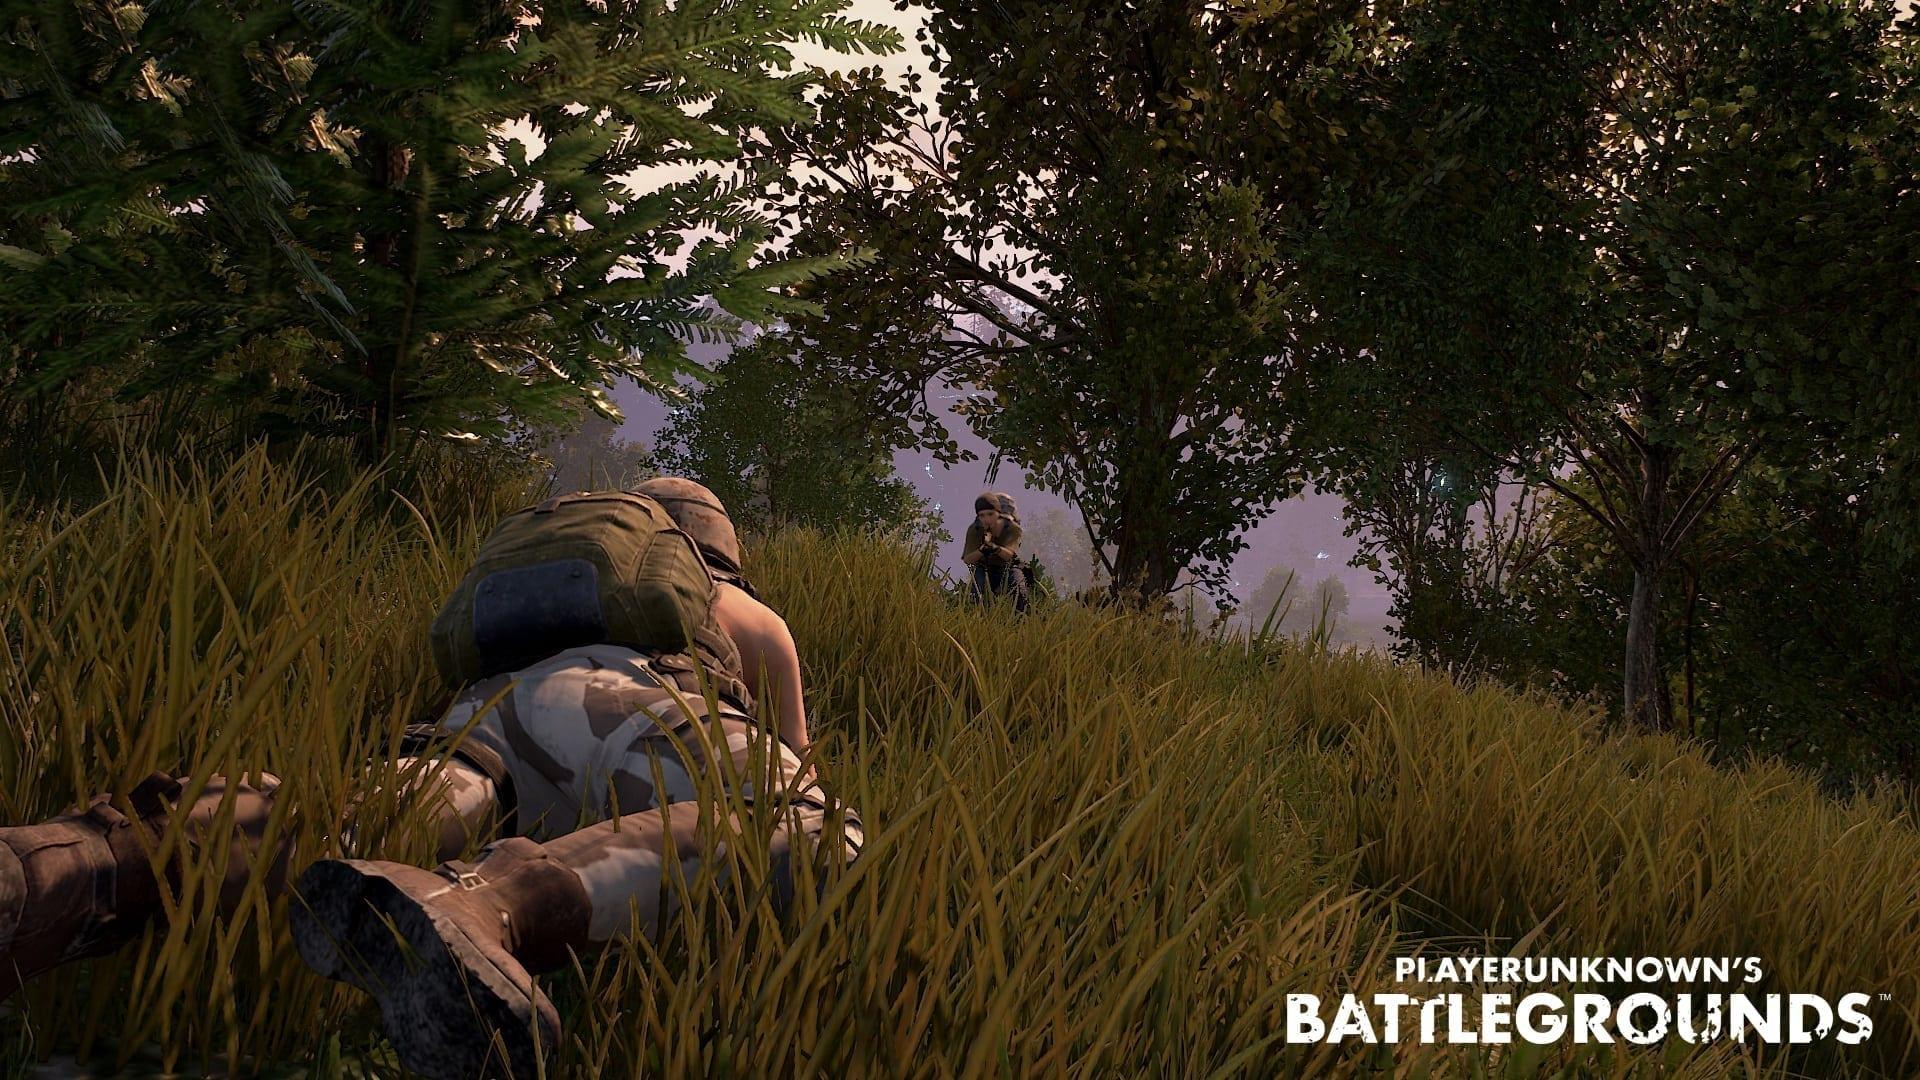 Playerunknown's Battlegrounds screenshot 1